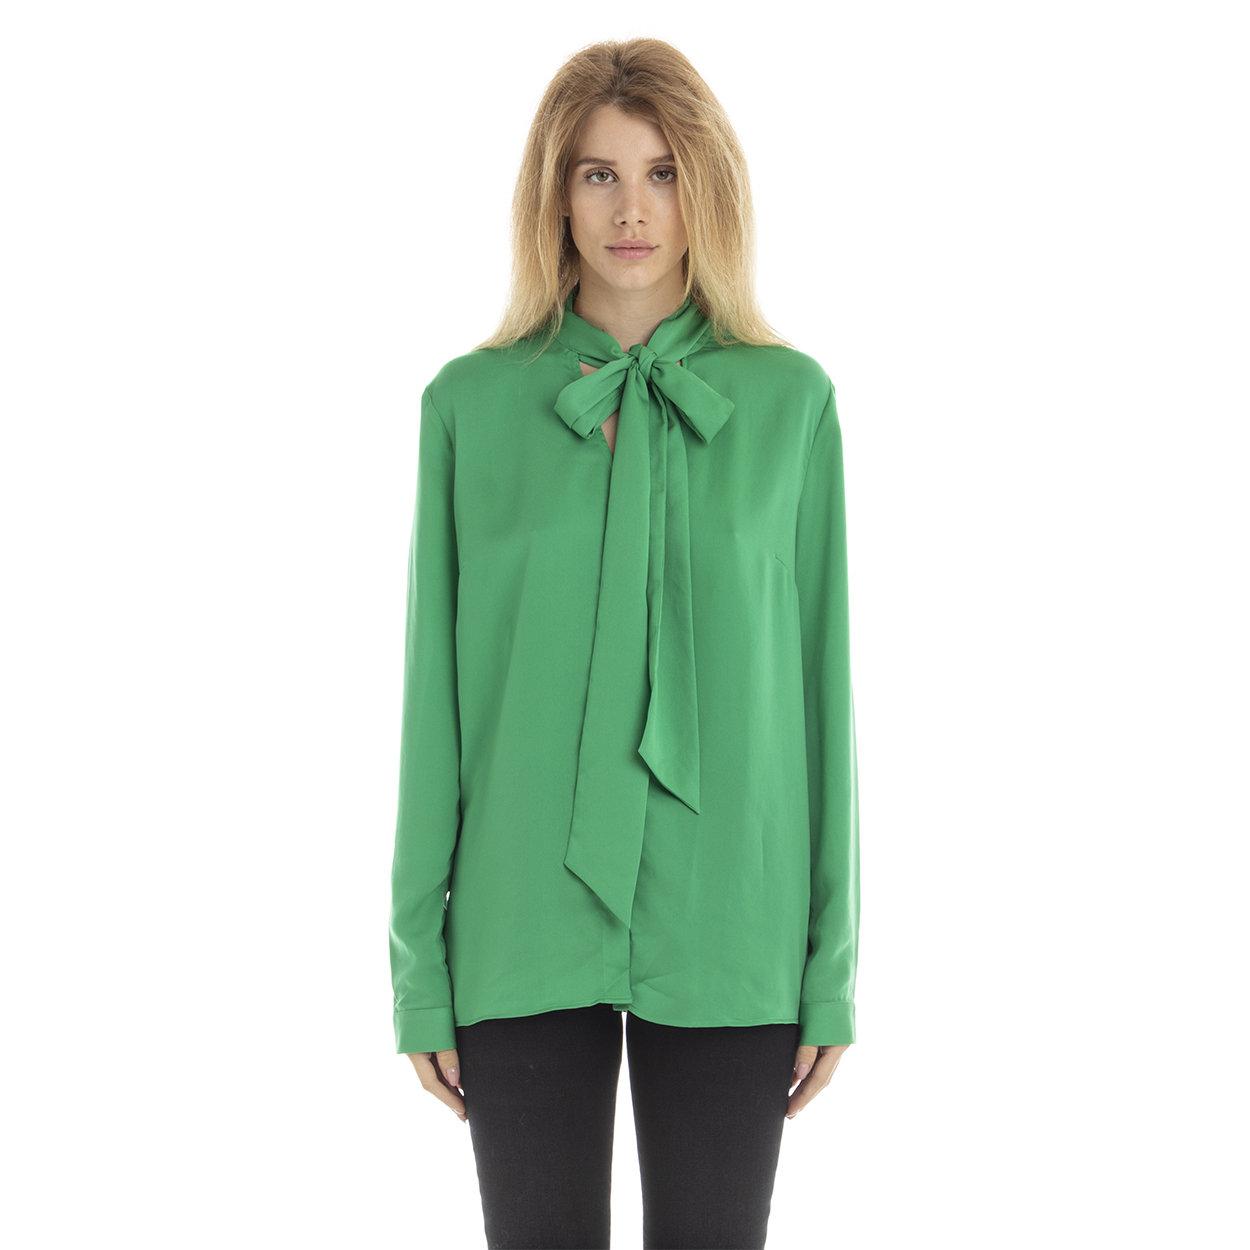 Blusa tinta unita verde Guess by Marciano Acquista su Ventis.